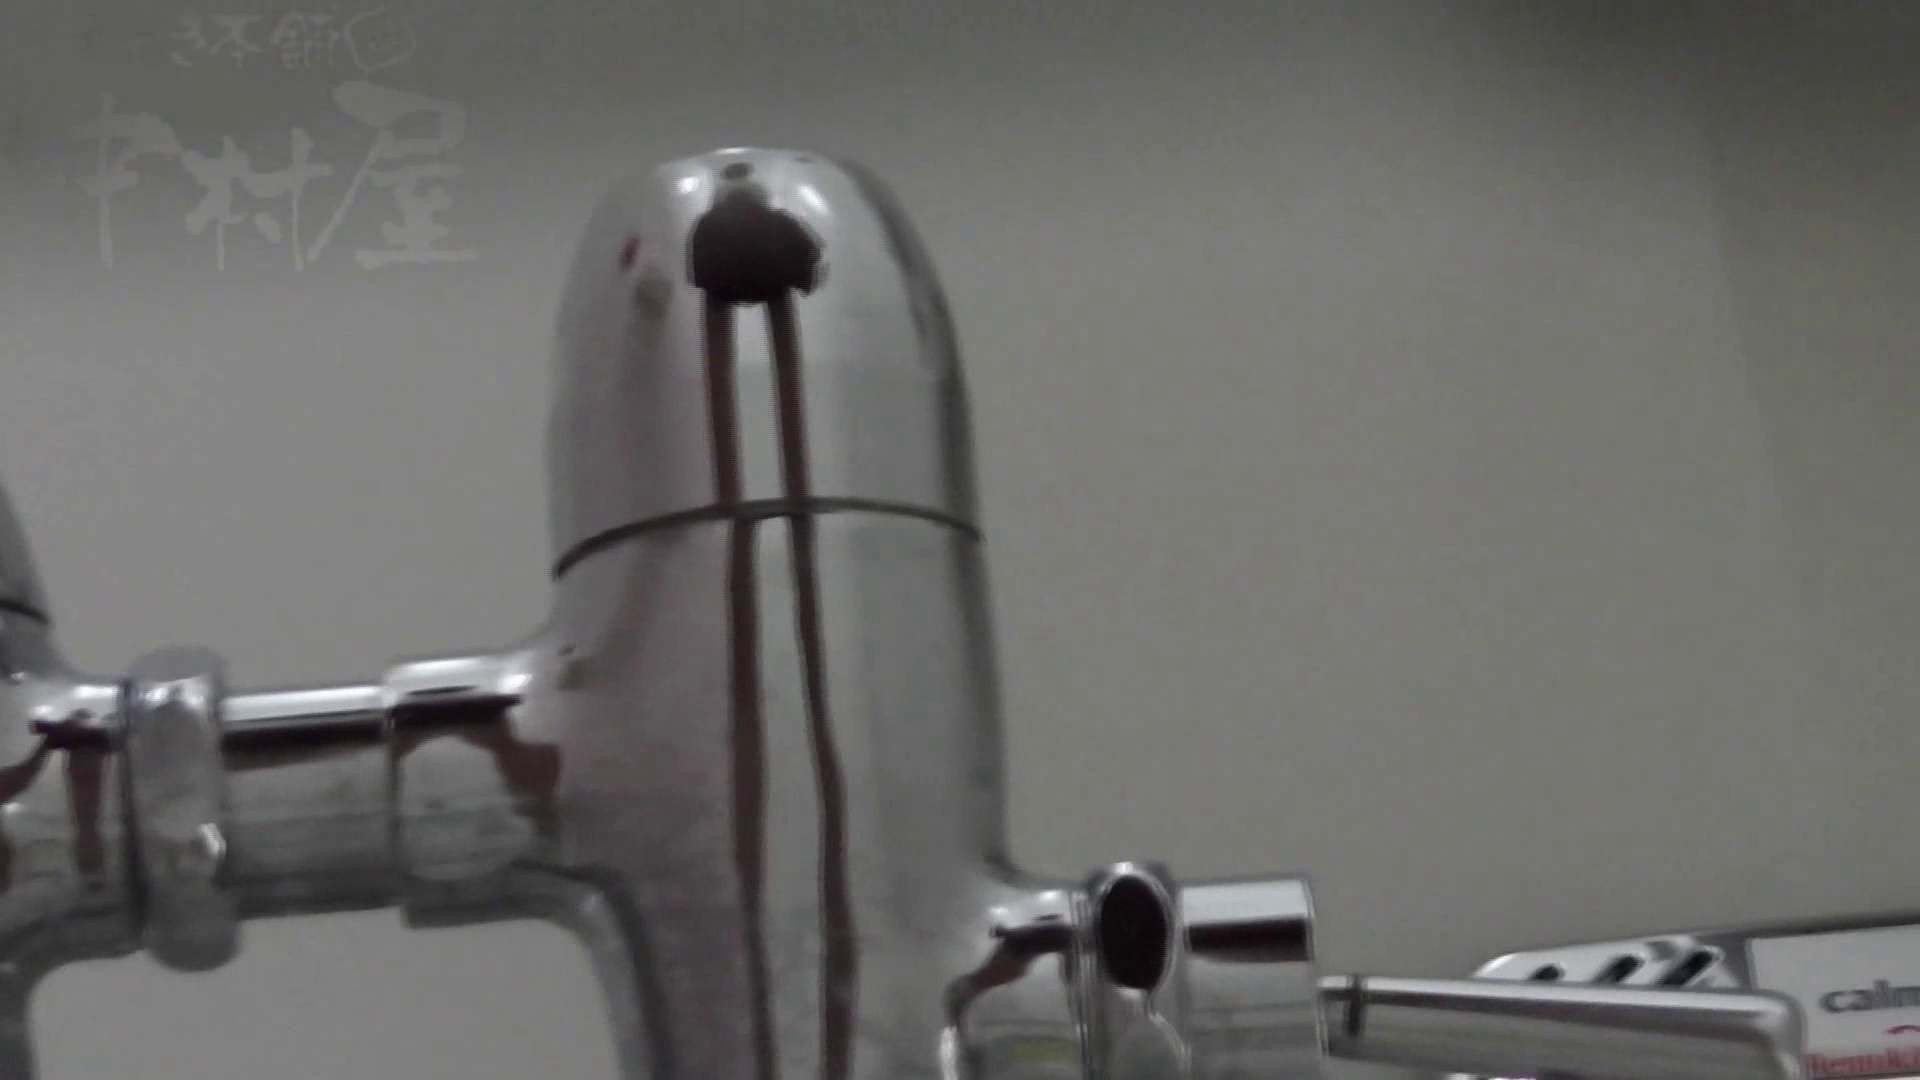 美しい日本の未来 No.29 豹柄サンダルはイ更●気味??? トイレ 盗撮 111PIX 90